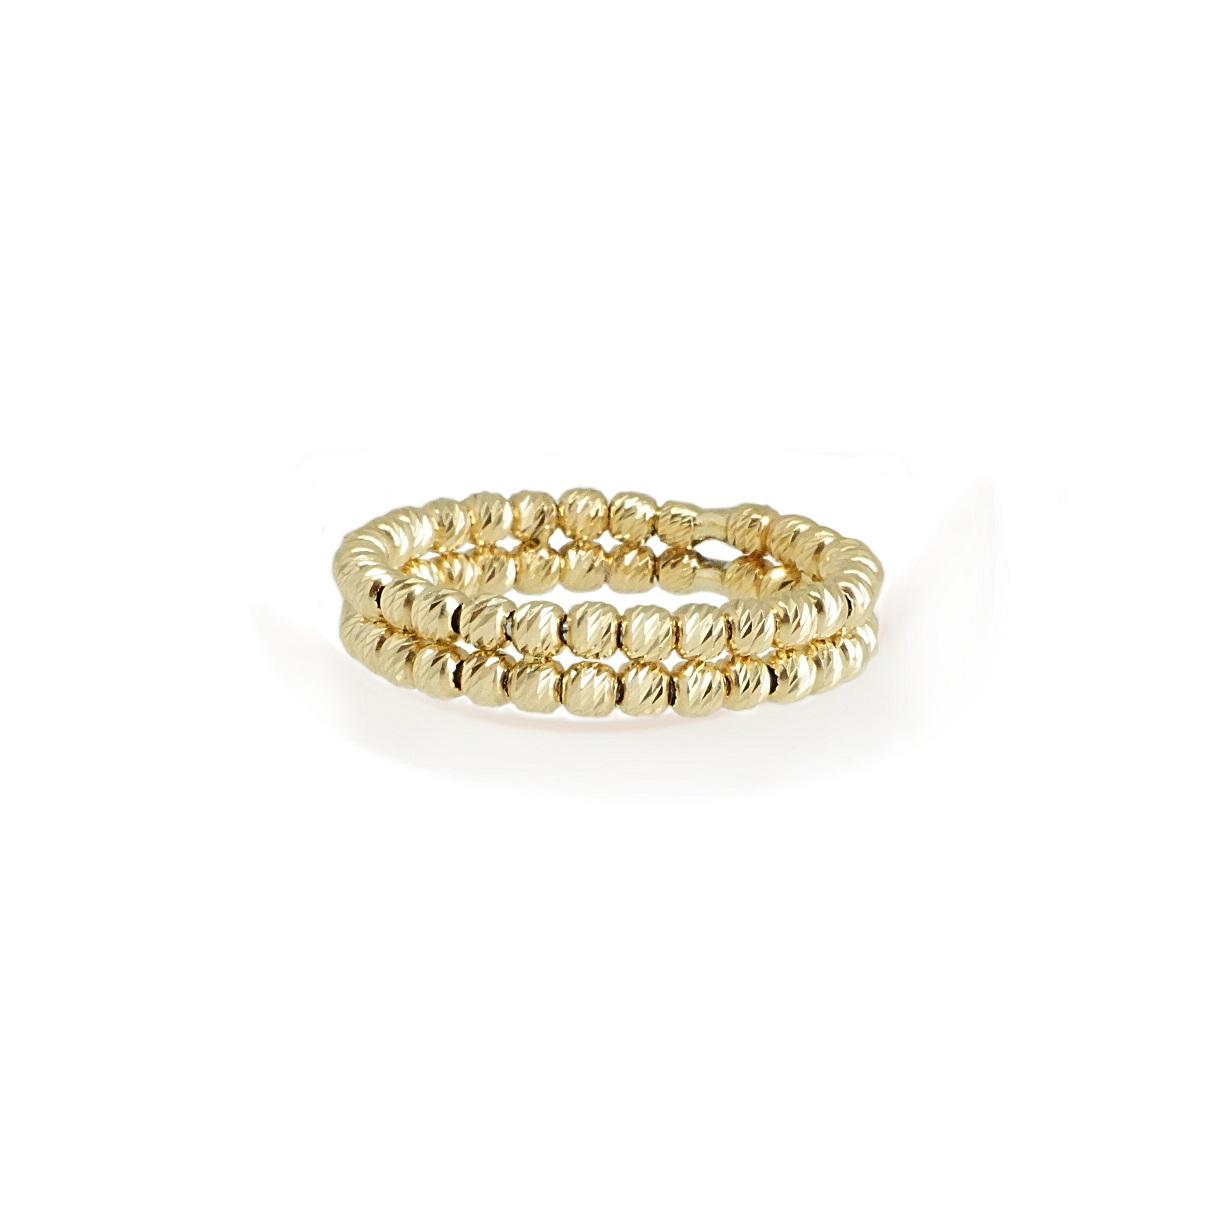 טבעת זהב כדורים שתי שורות